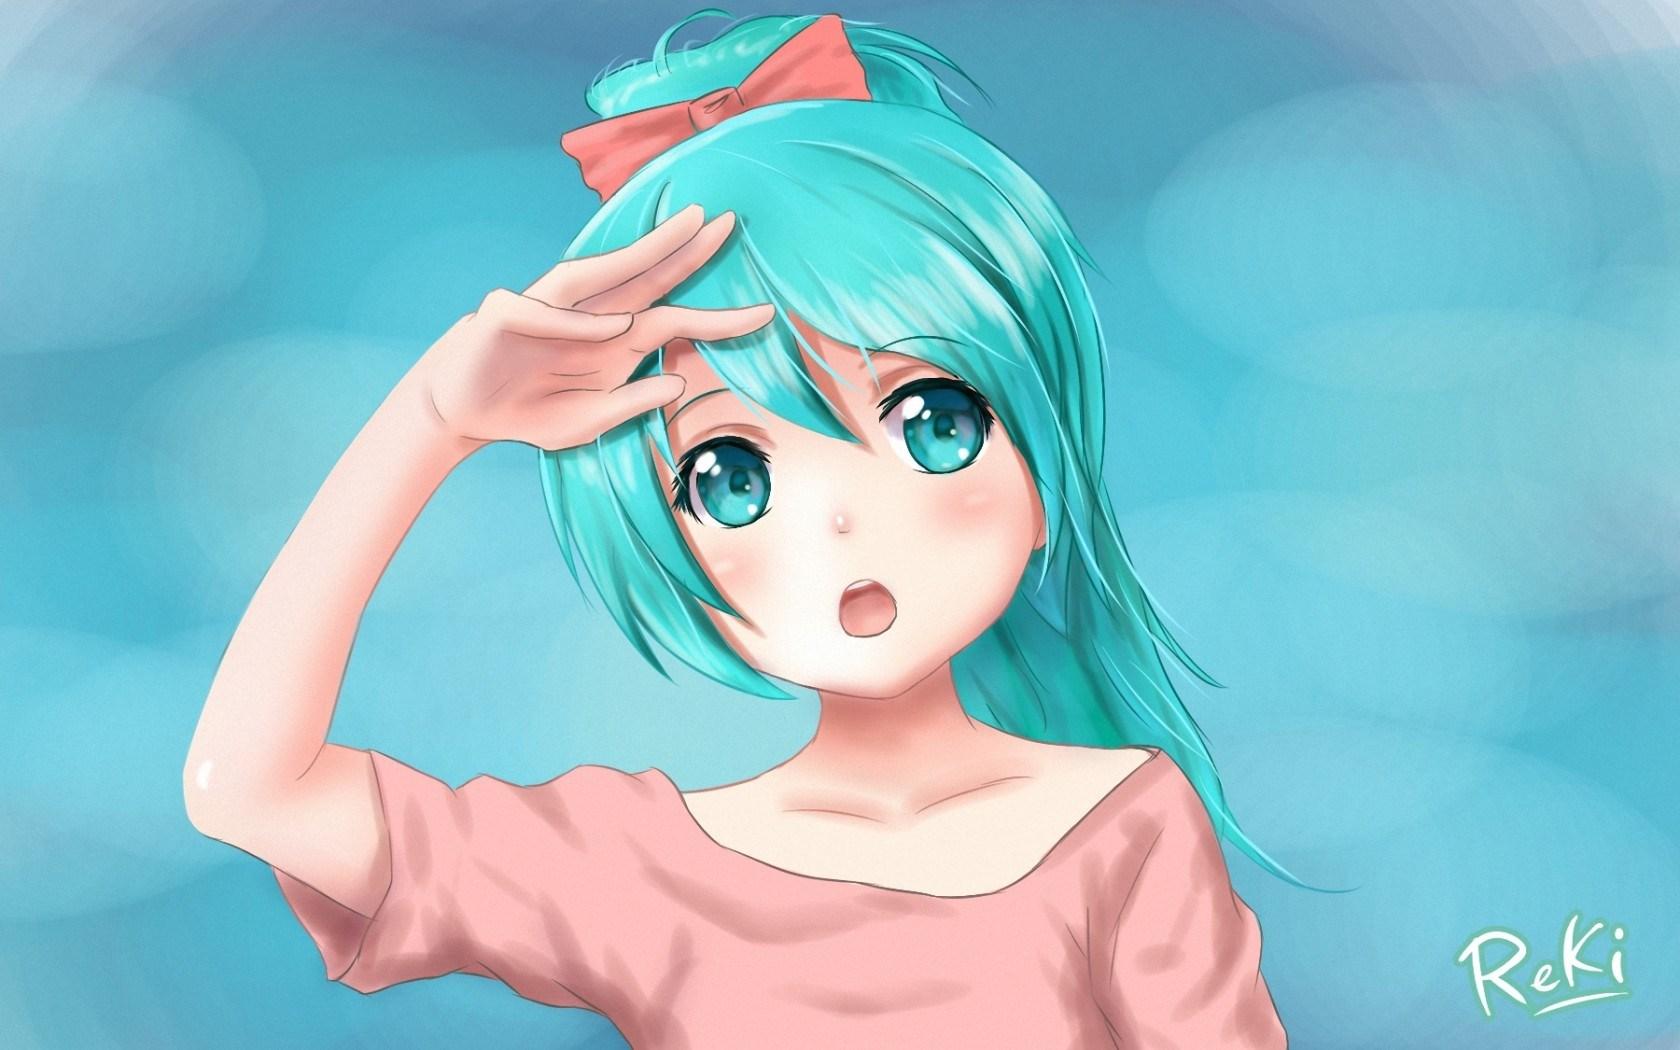 Art Vocaloid Hatsune Miku Girl